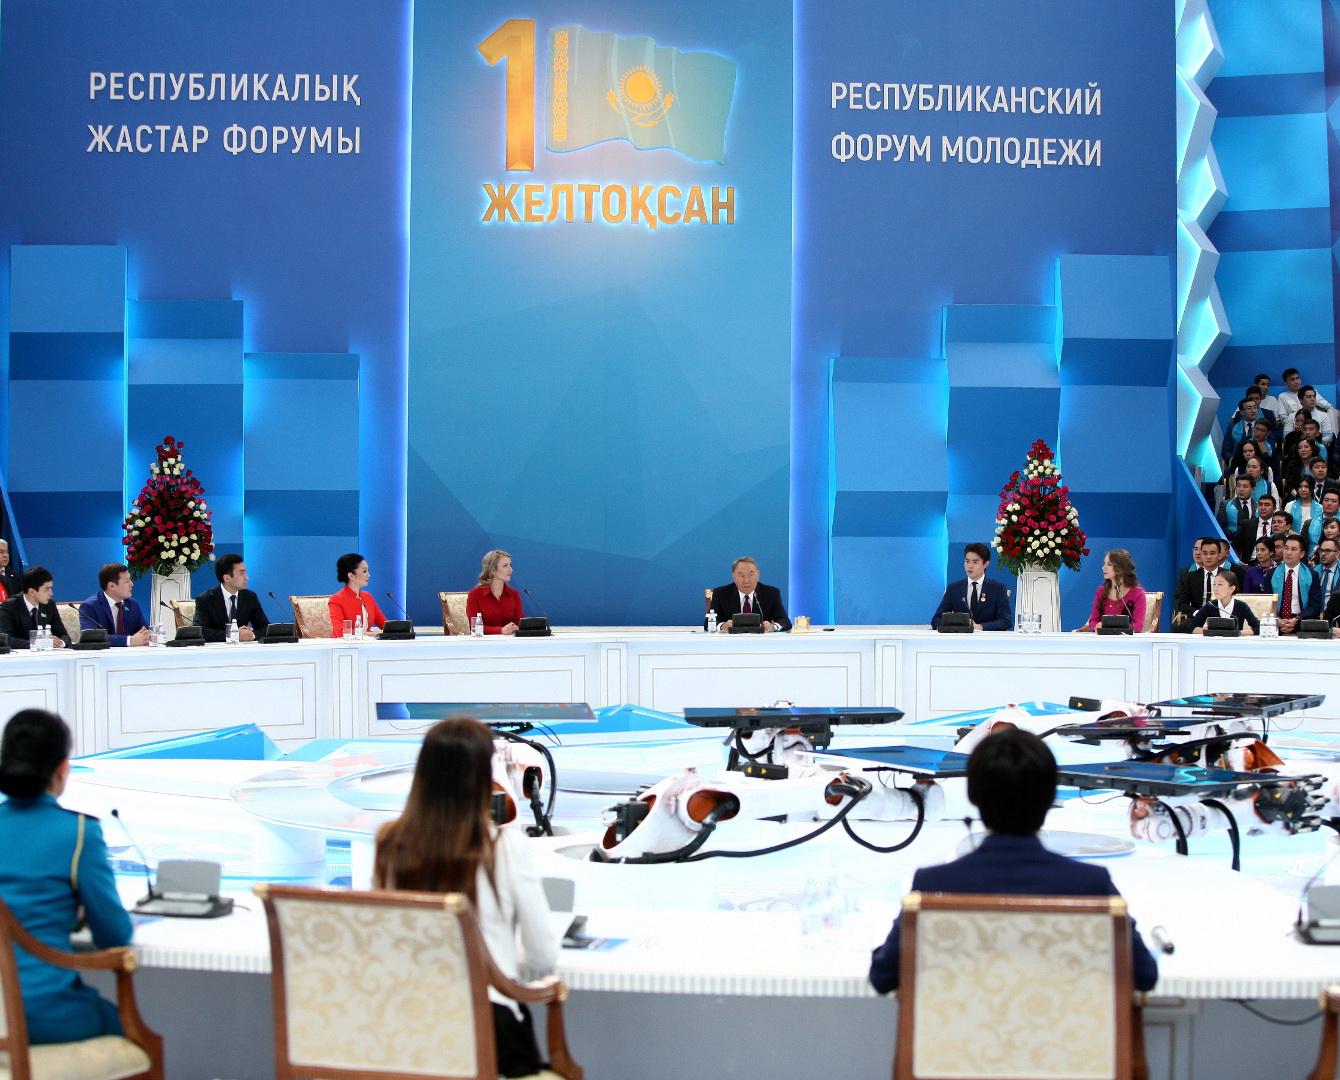 Бақытты болу үшін Президент болу міндетті емес - Назарбаев